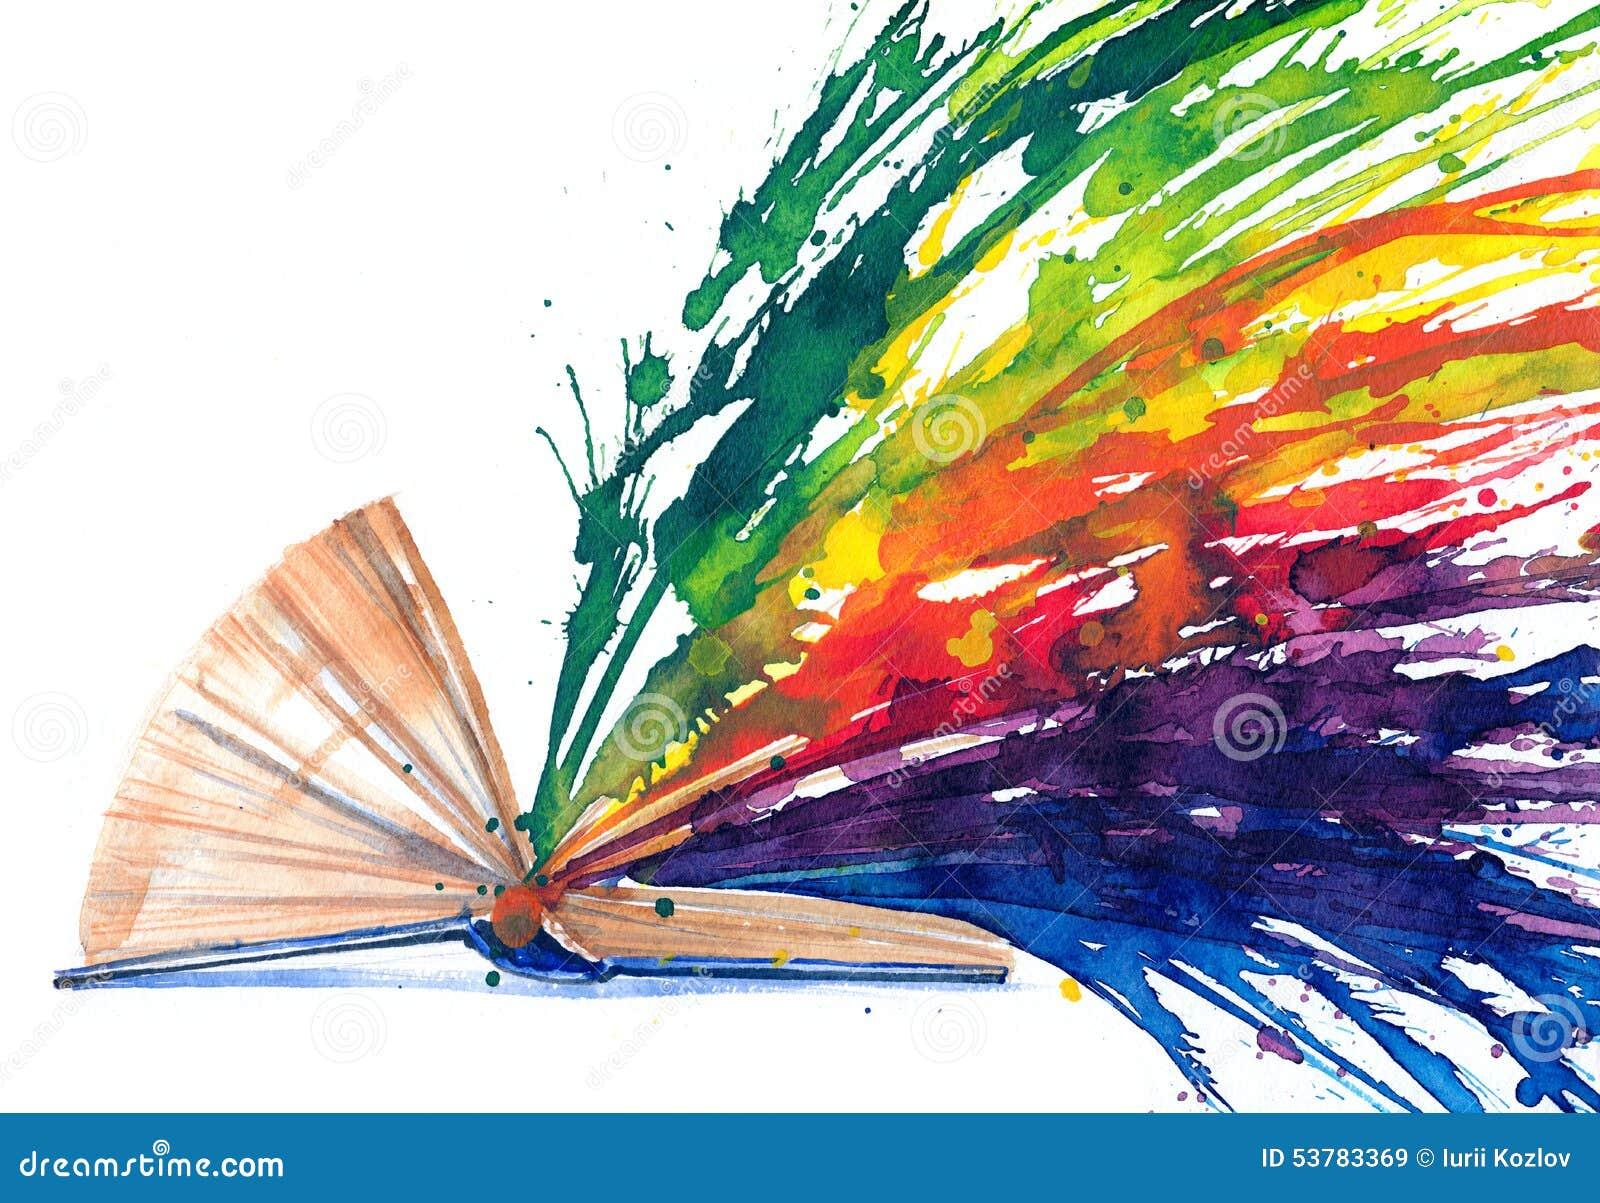 Książka - źródło wiedza